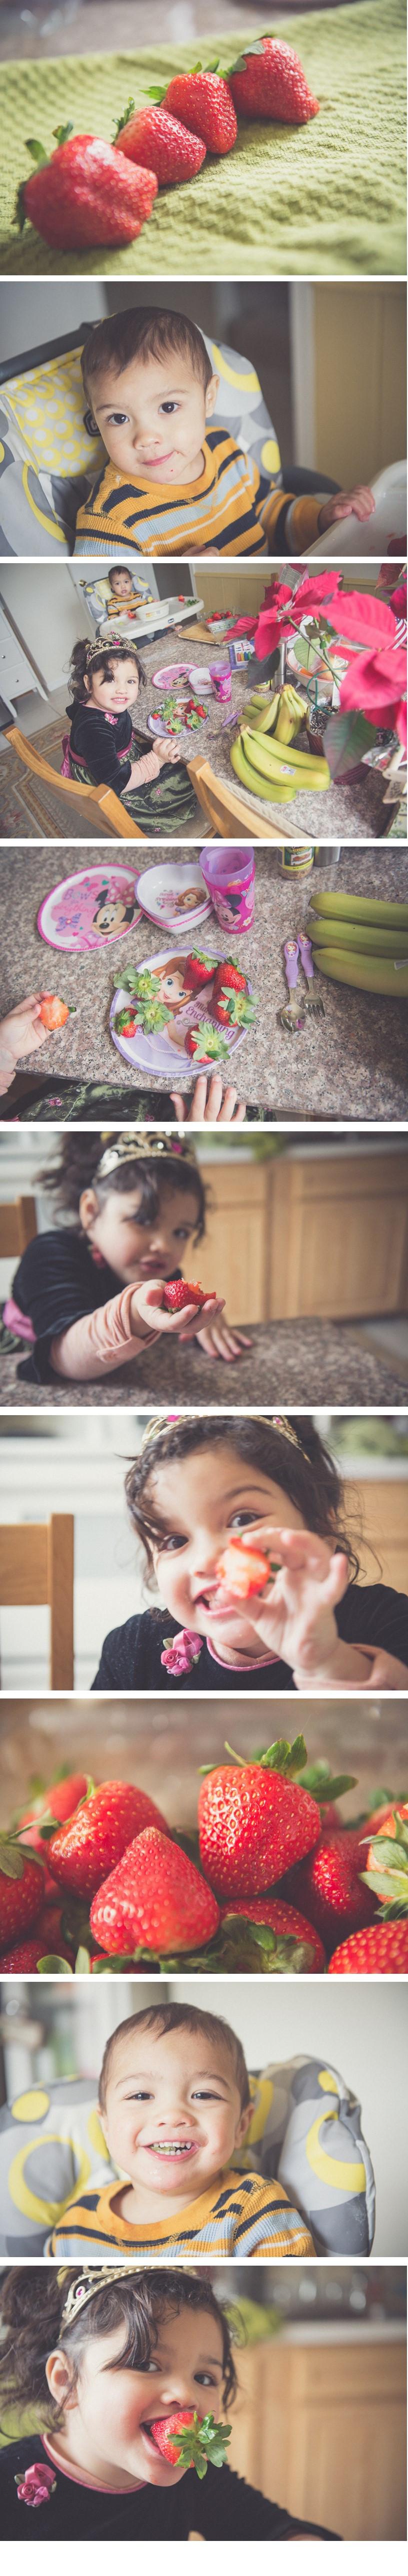 eating strawberreis.jpg